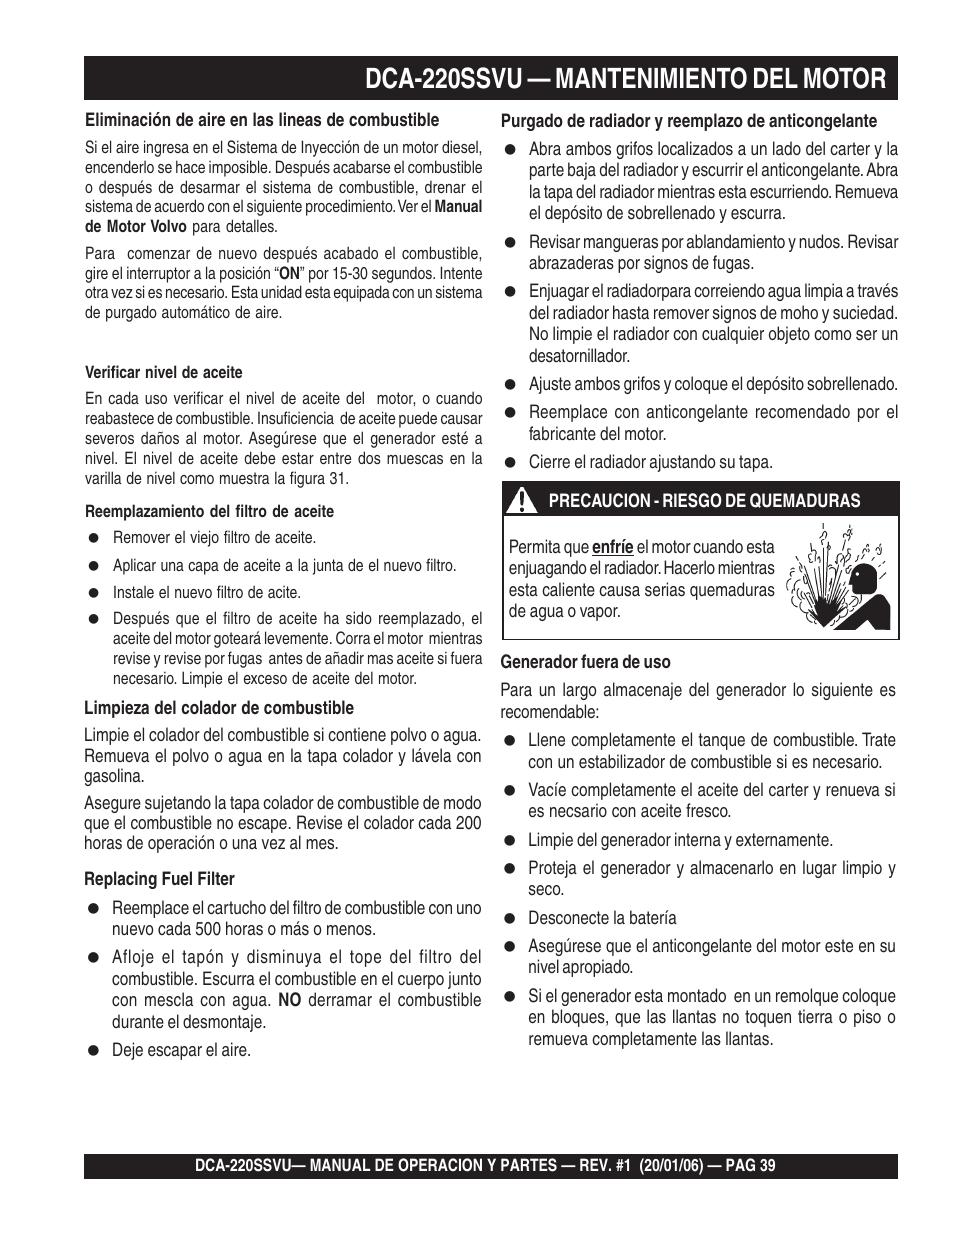 hight resolution of 1dca 220ssvu mantenimiento del motor multiquip mq power series whisperwatt gernator dca 220ssvu manual del usuario p gina 39 84